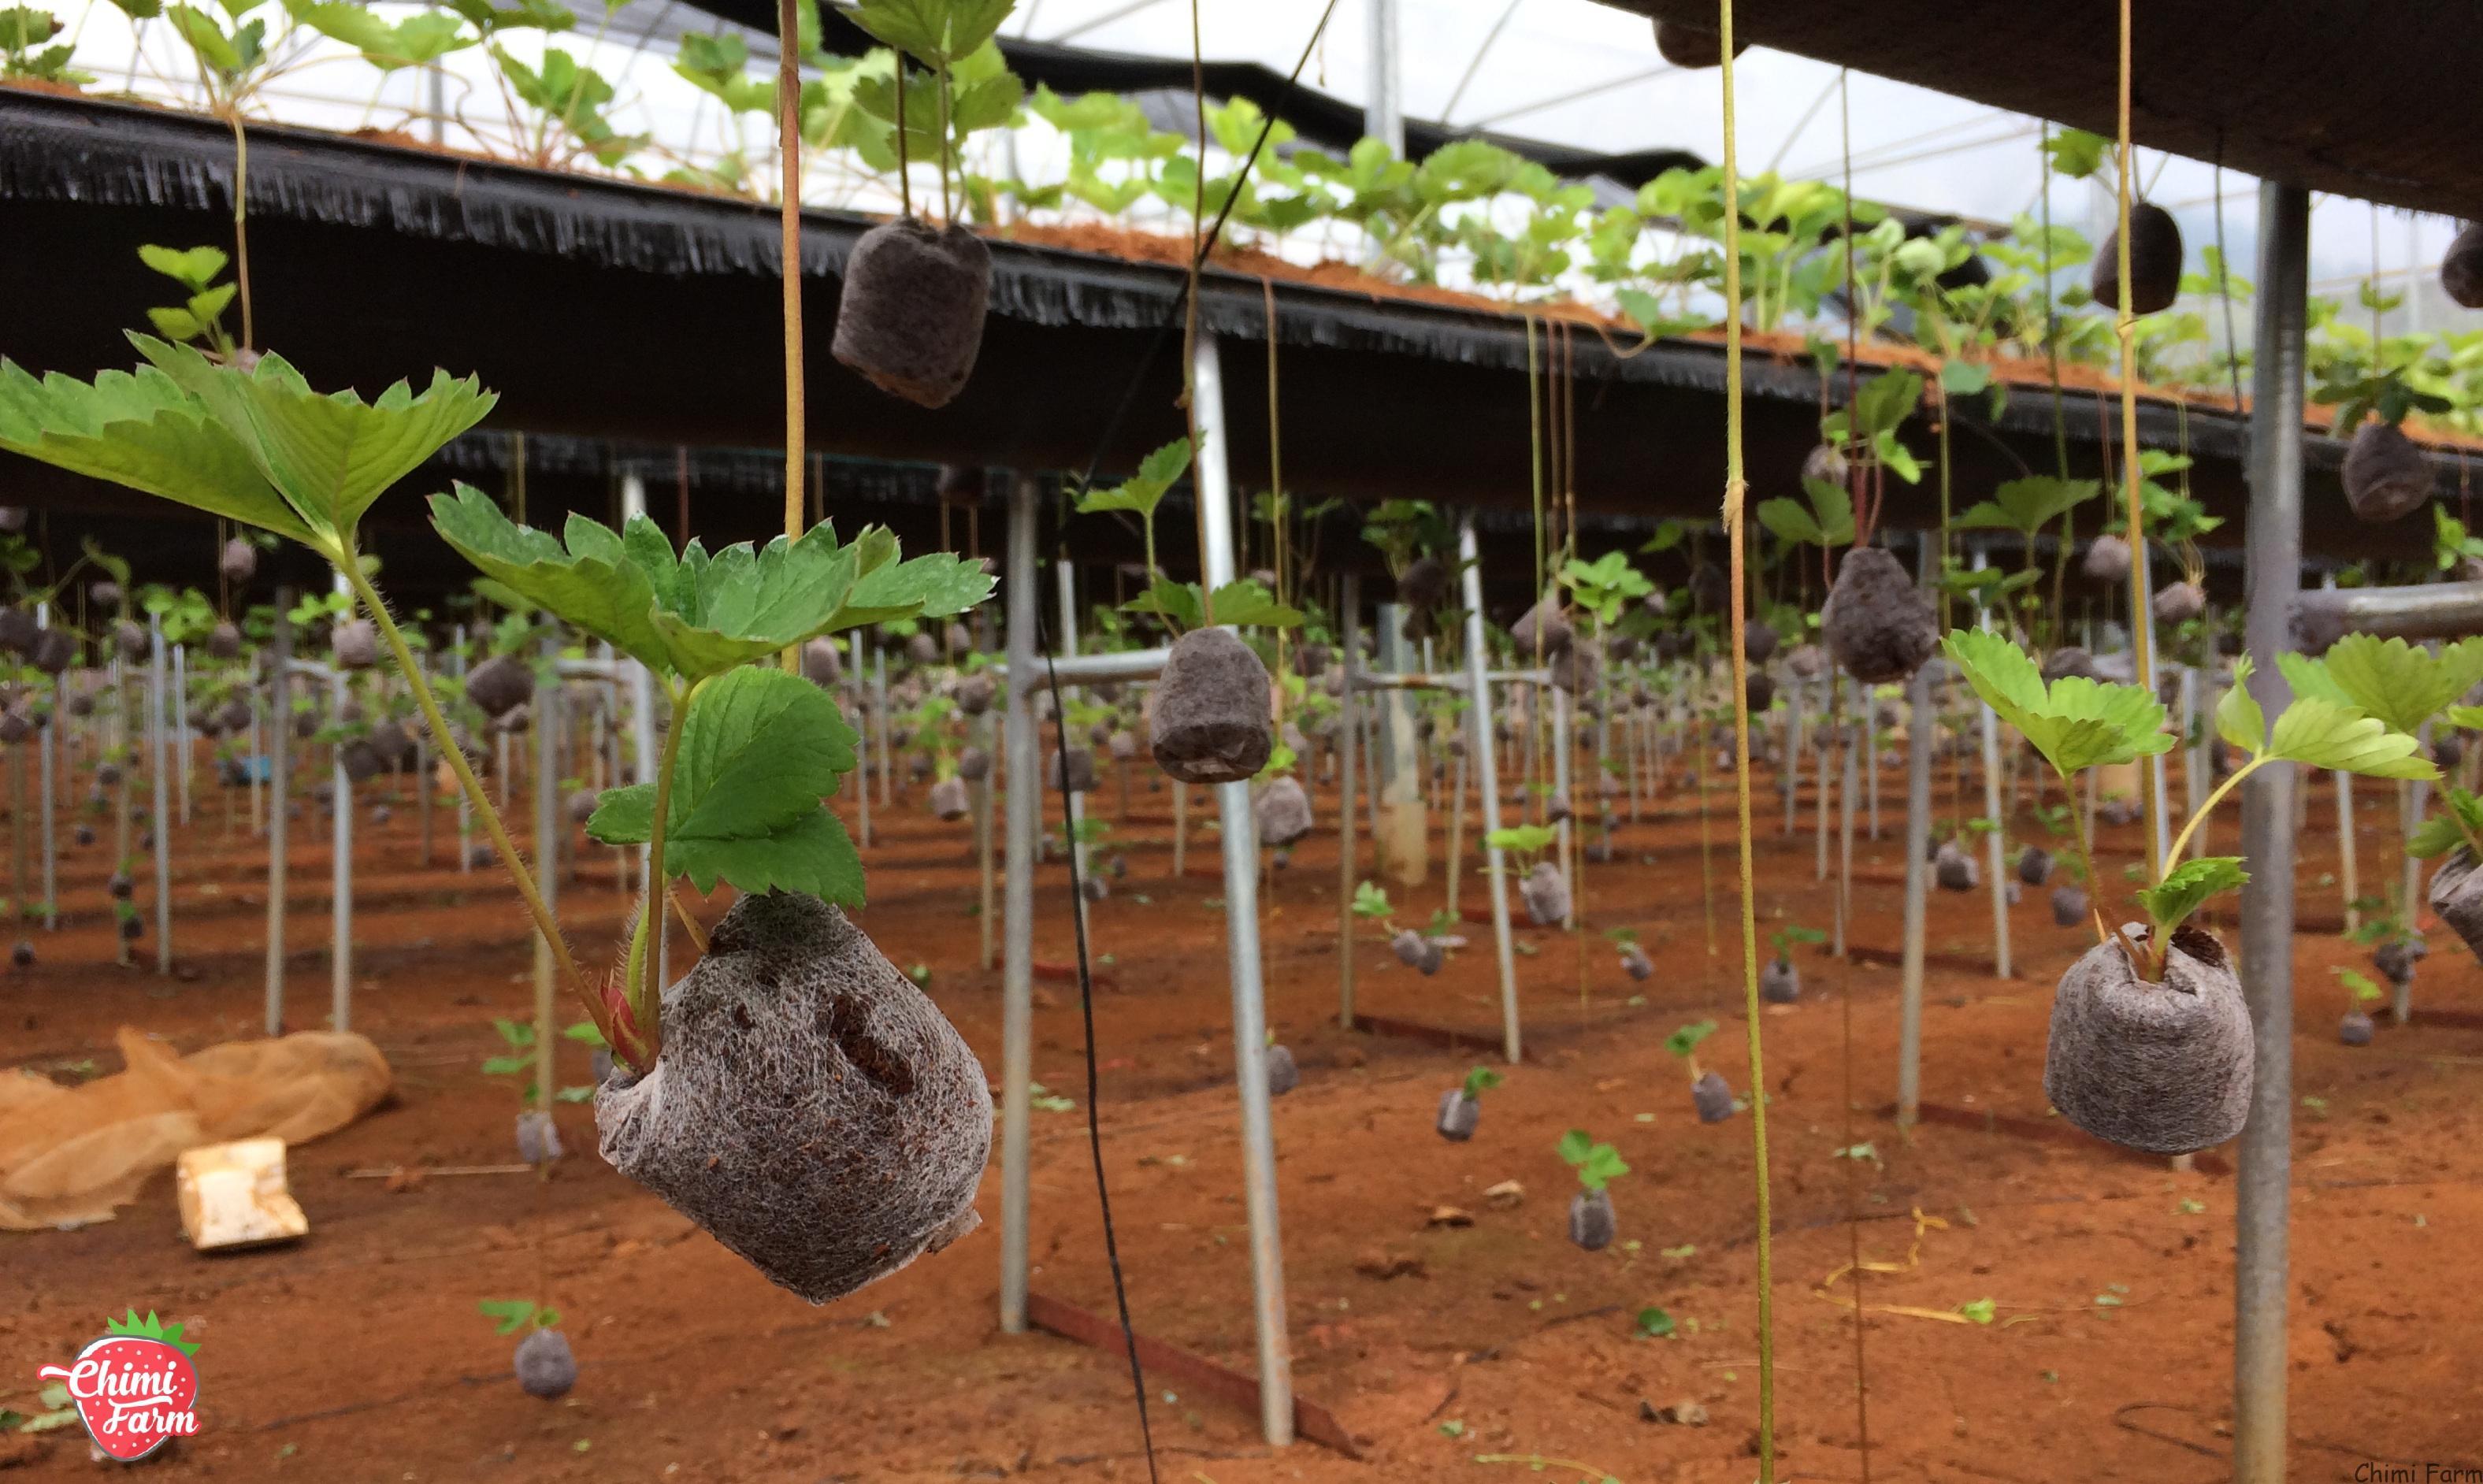 Dâu tây giống của Chimi Farm đều là những cây F1 đảm bảo chất lượng